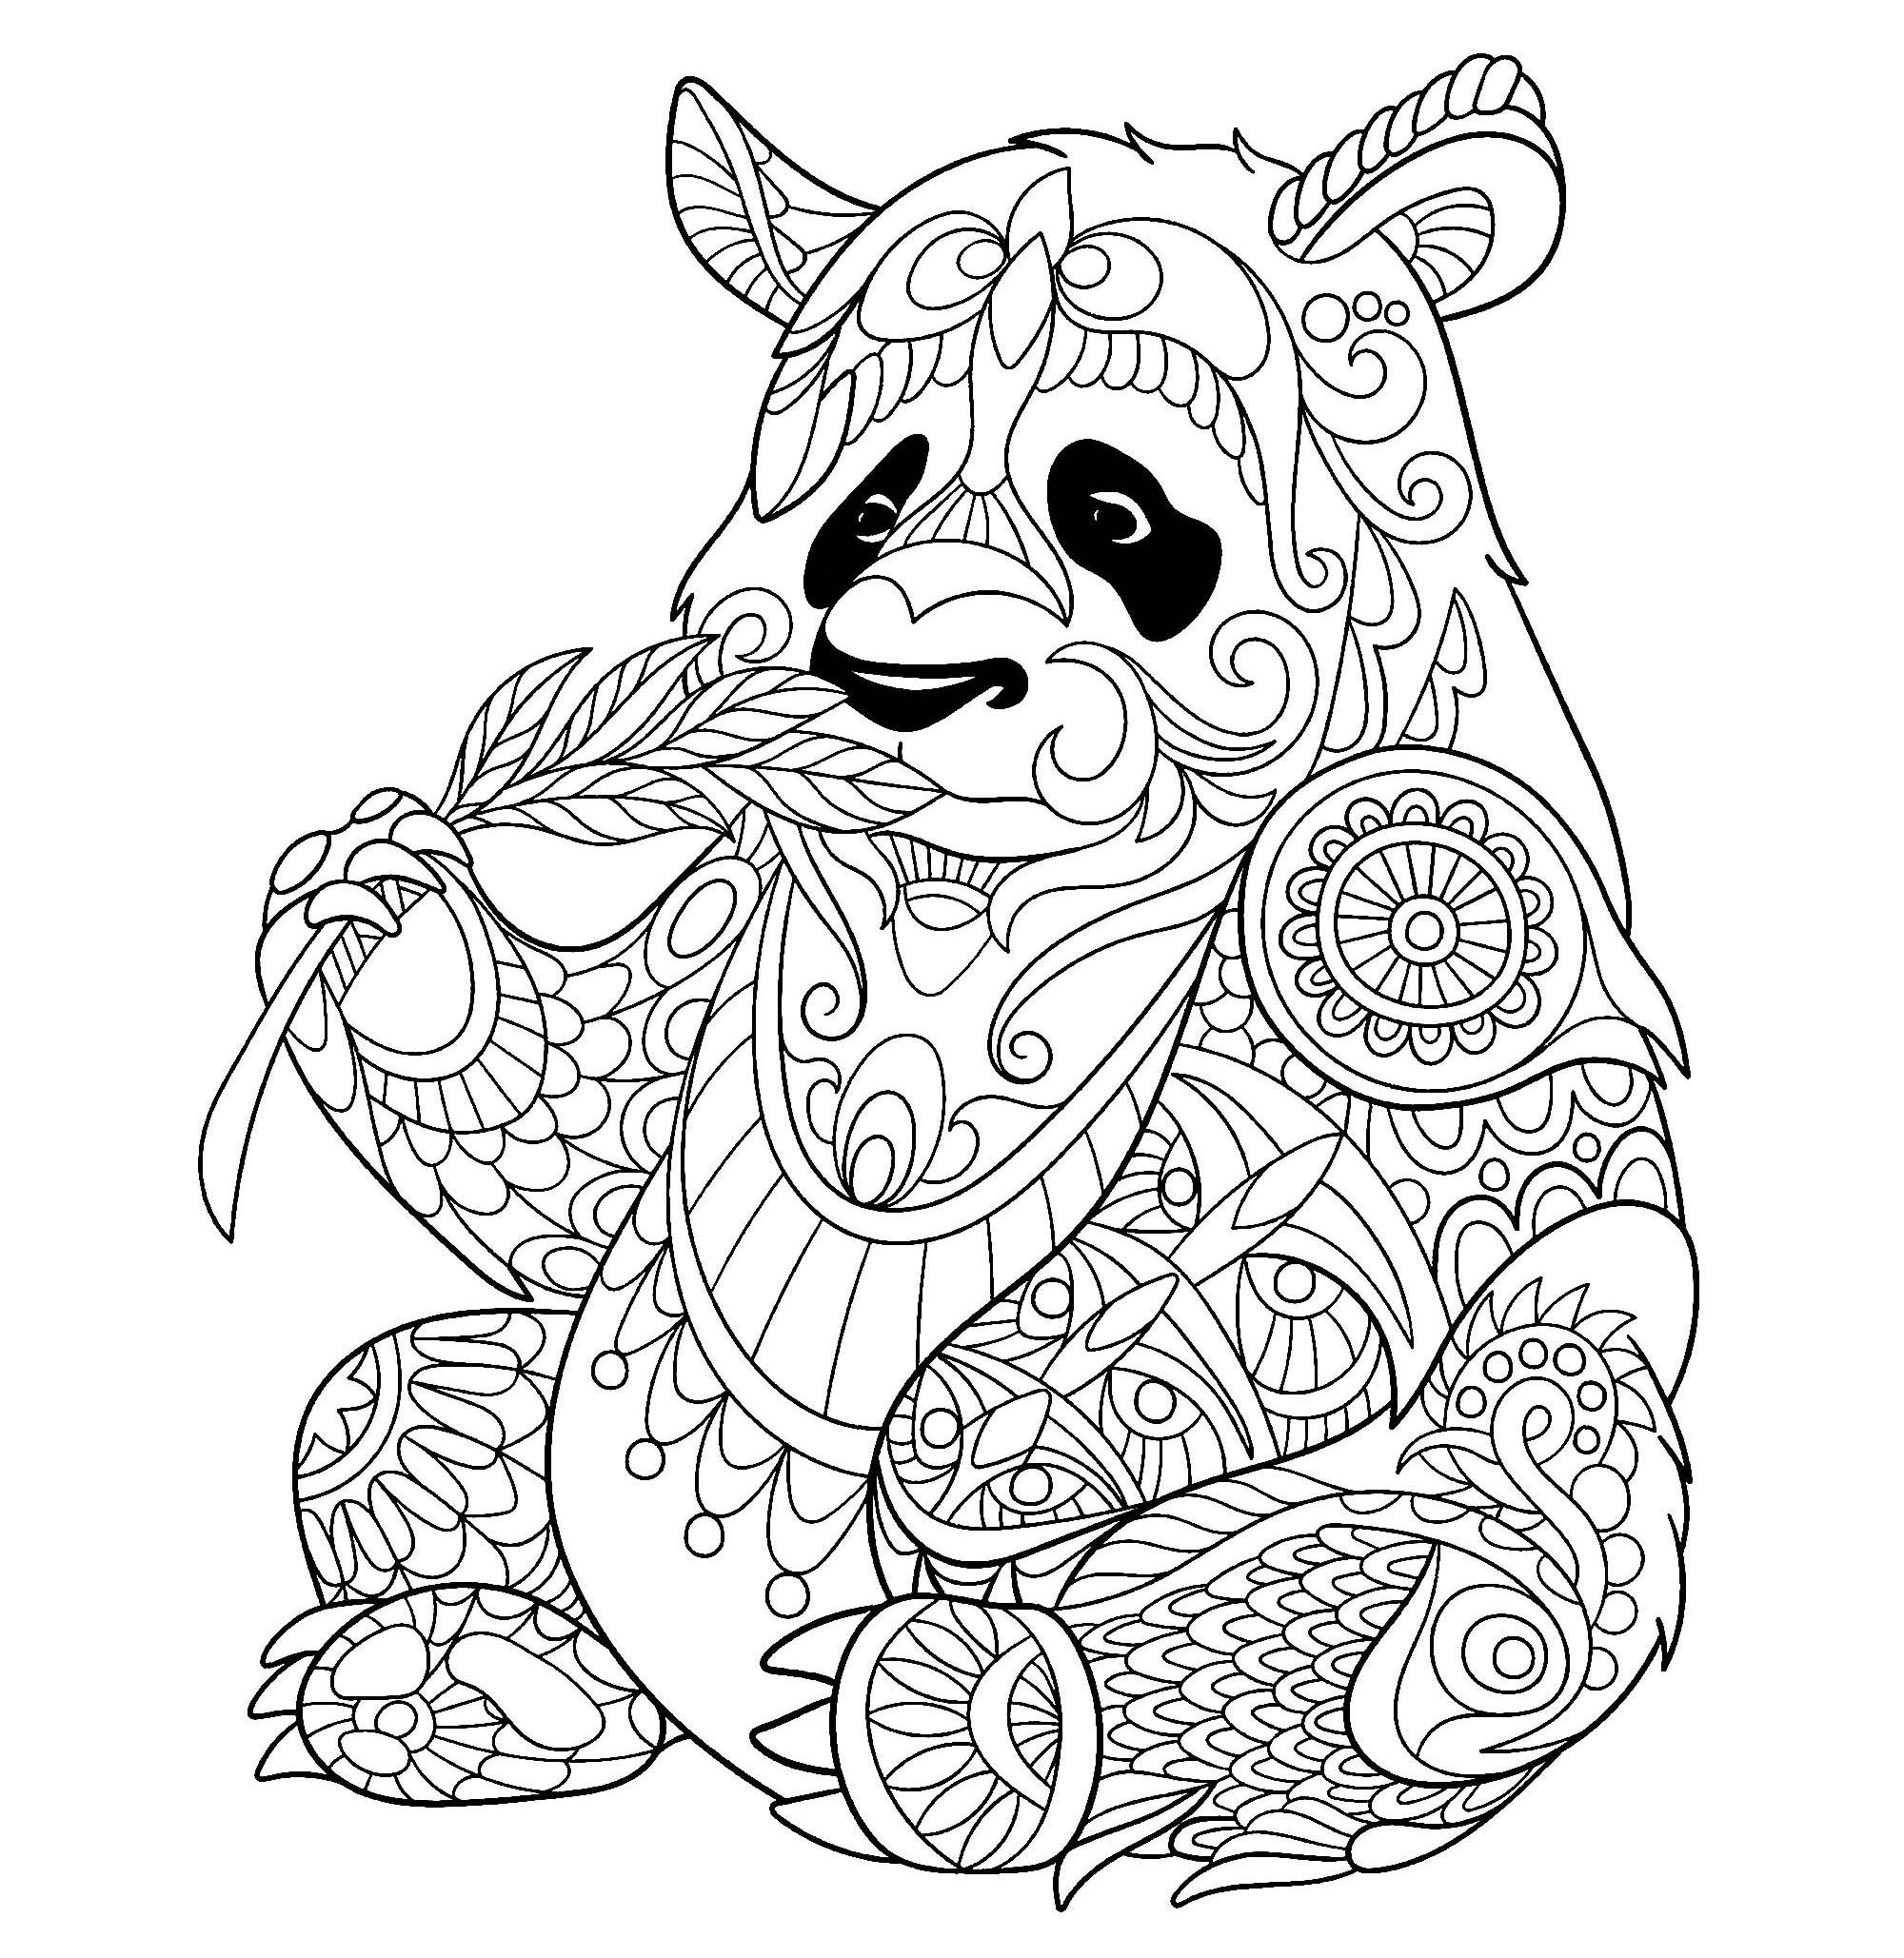 Coloriage De Panda À Imprimer Gratuitement - Coloriage De tout Panda À Colorier